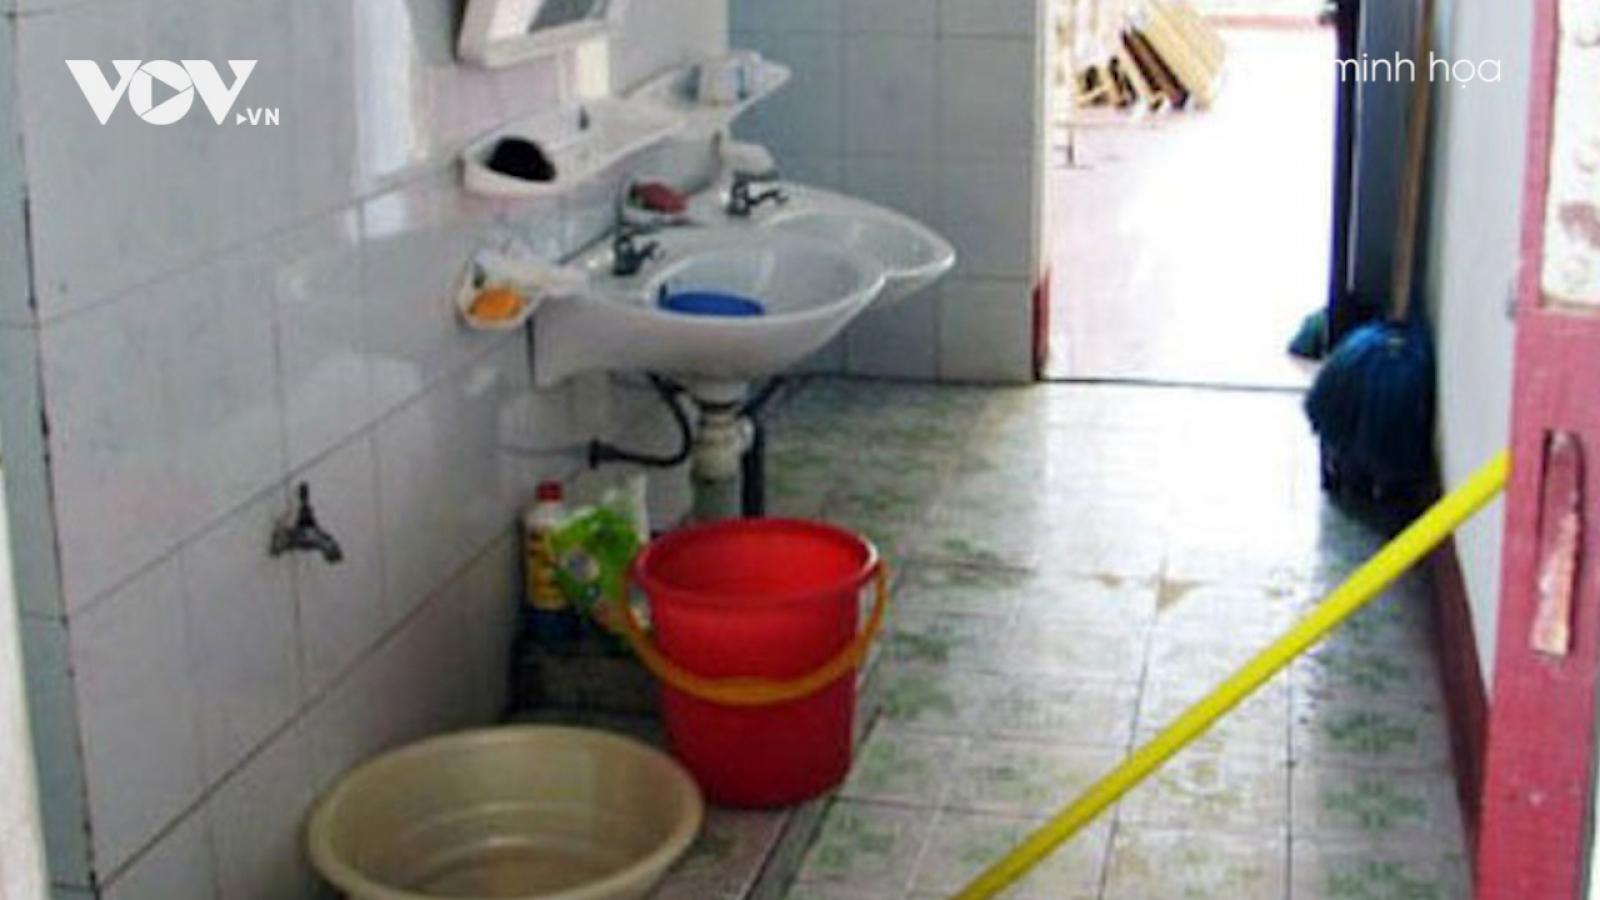 Nóng 24h: Tạm giữ nghi phạm sát hại cháu bé 11 tuổi trong nhà tắm